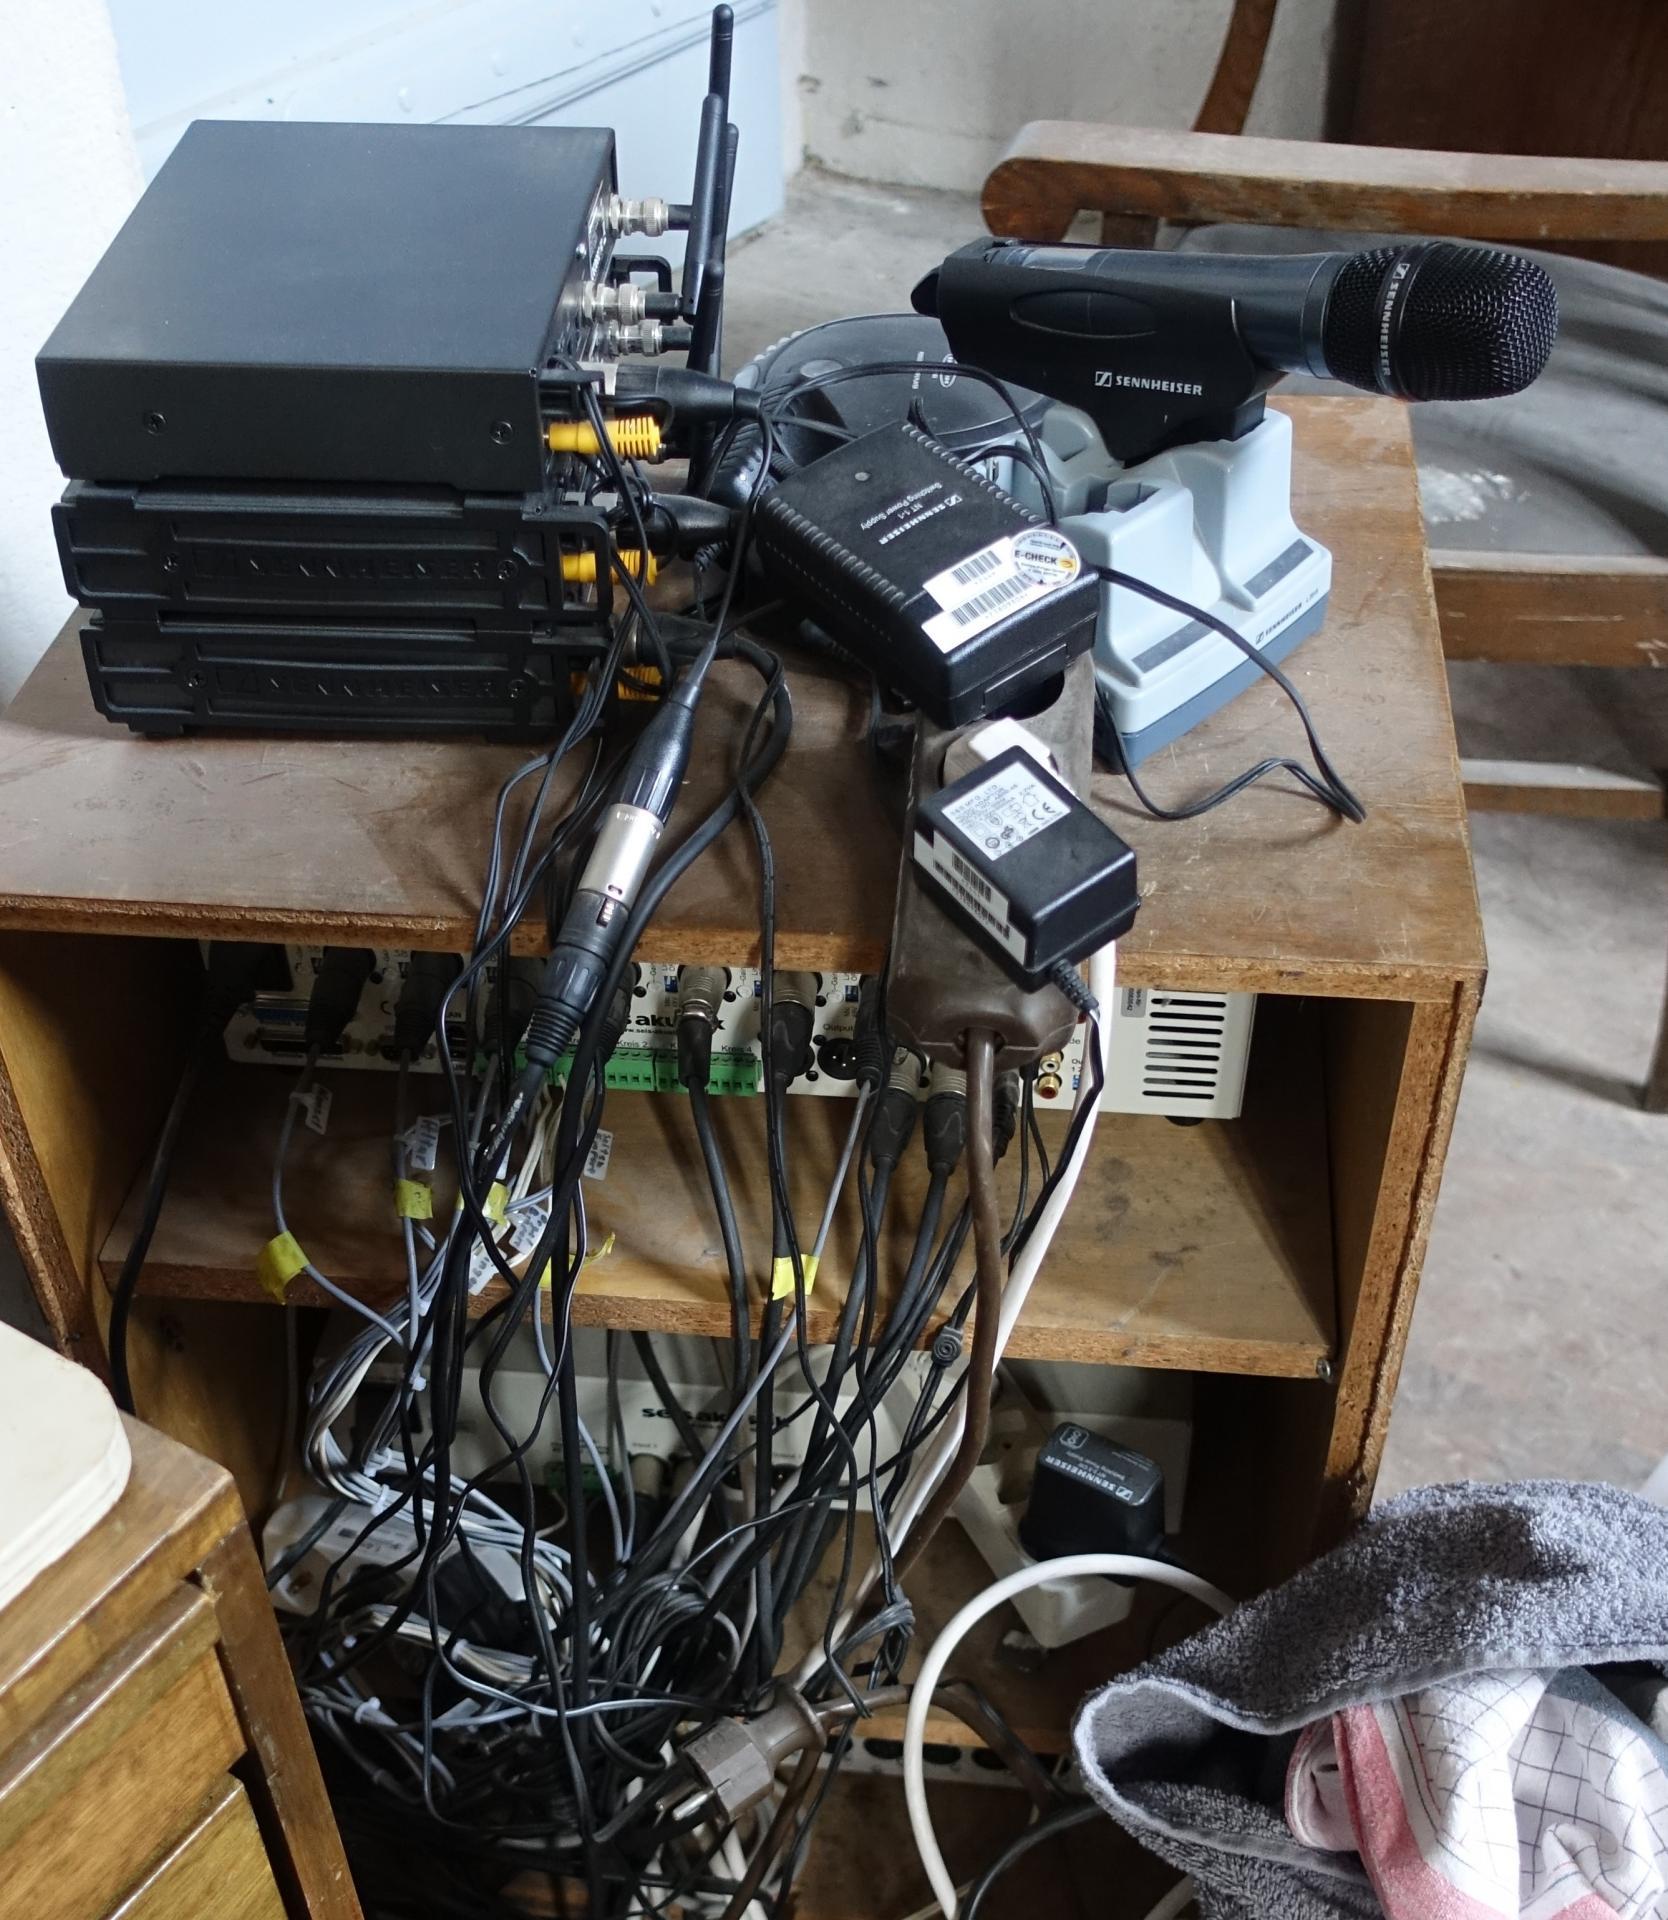 Bild 914 zeigt die aktuelle Mikrofonanlage